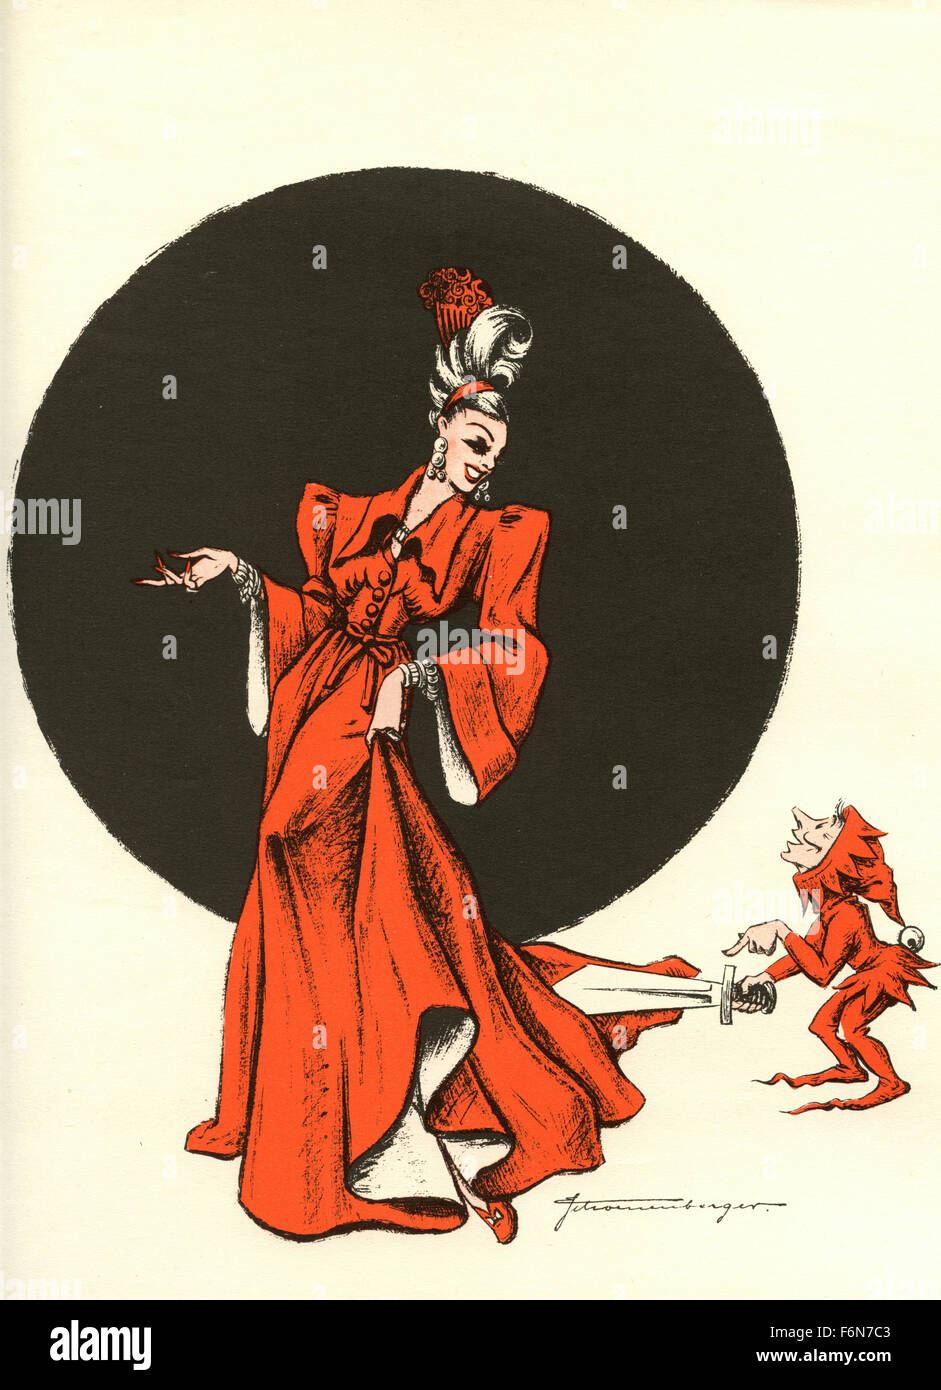 Tedesco illustrazioni satirico 1950: una donna e un elfo Immagini Stock